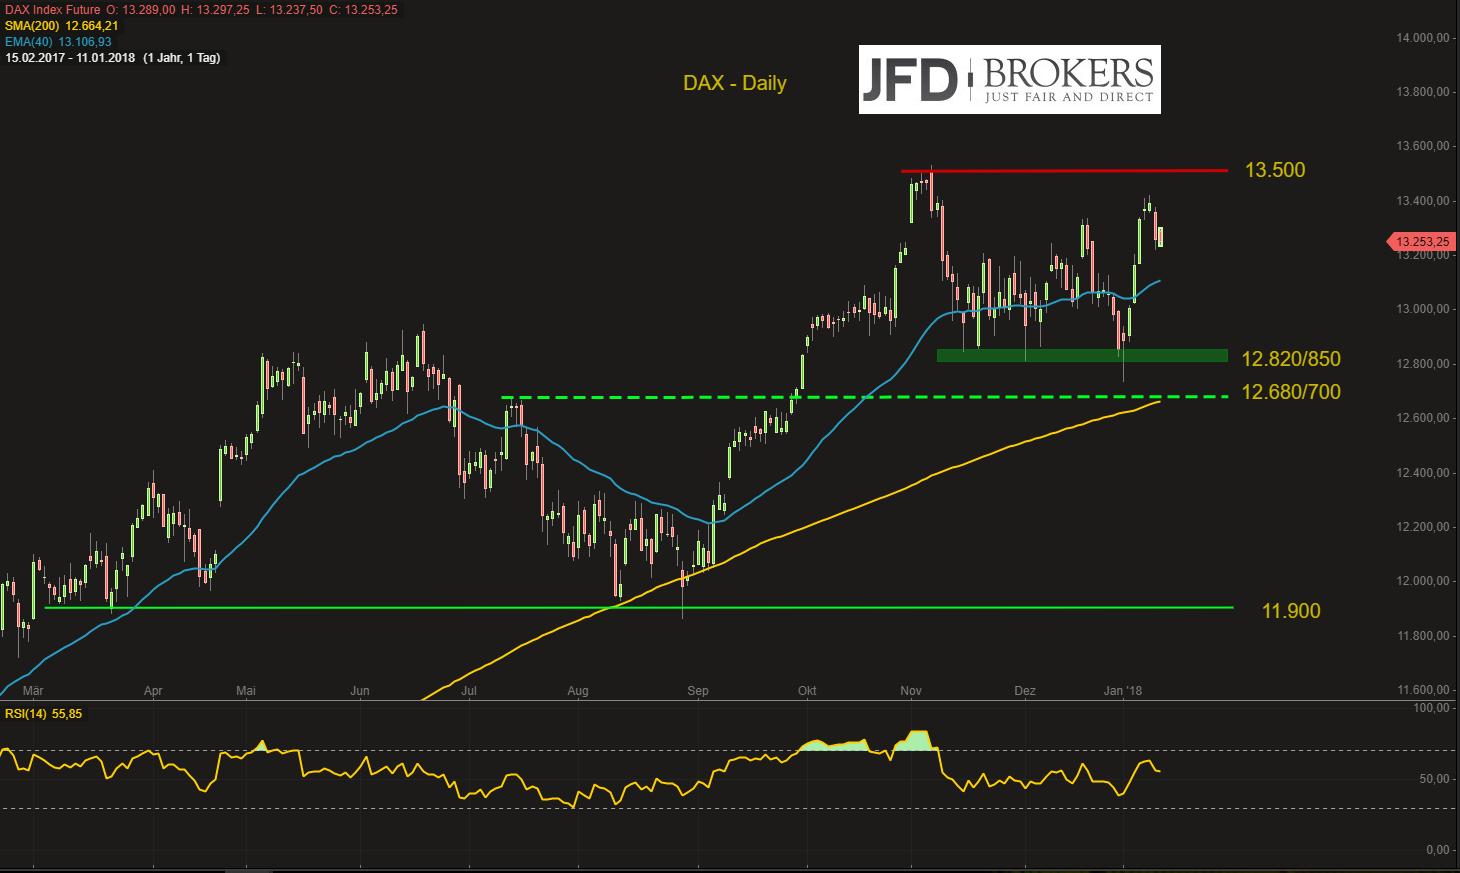 DAX-zunächst-stabil-Sorgen-um-China-legen-sich-ein-wenig-bleiben-aber-im-Kopf-Kommentar-JFD-Brokers-GodmodeTrader.de-2